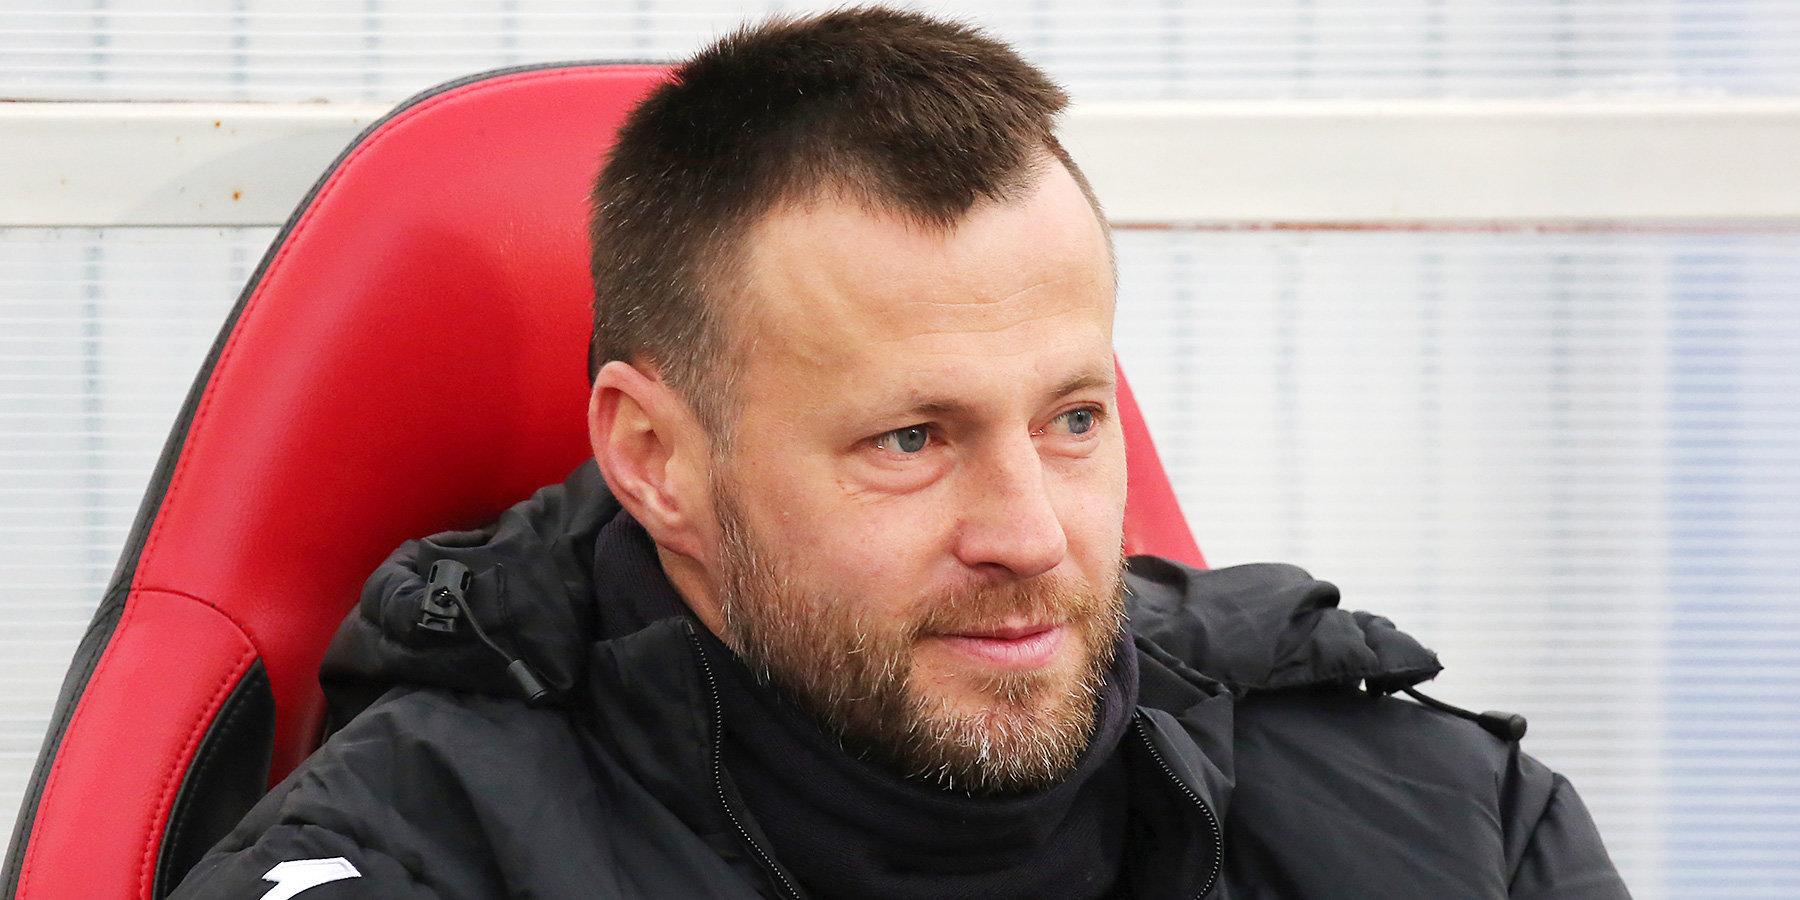 Сборная лучших игроков Крыльев Советов 21 века. Русский состав